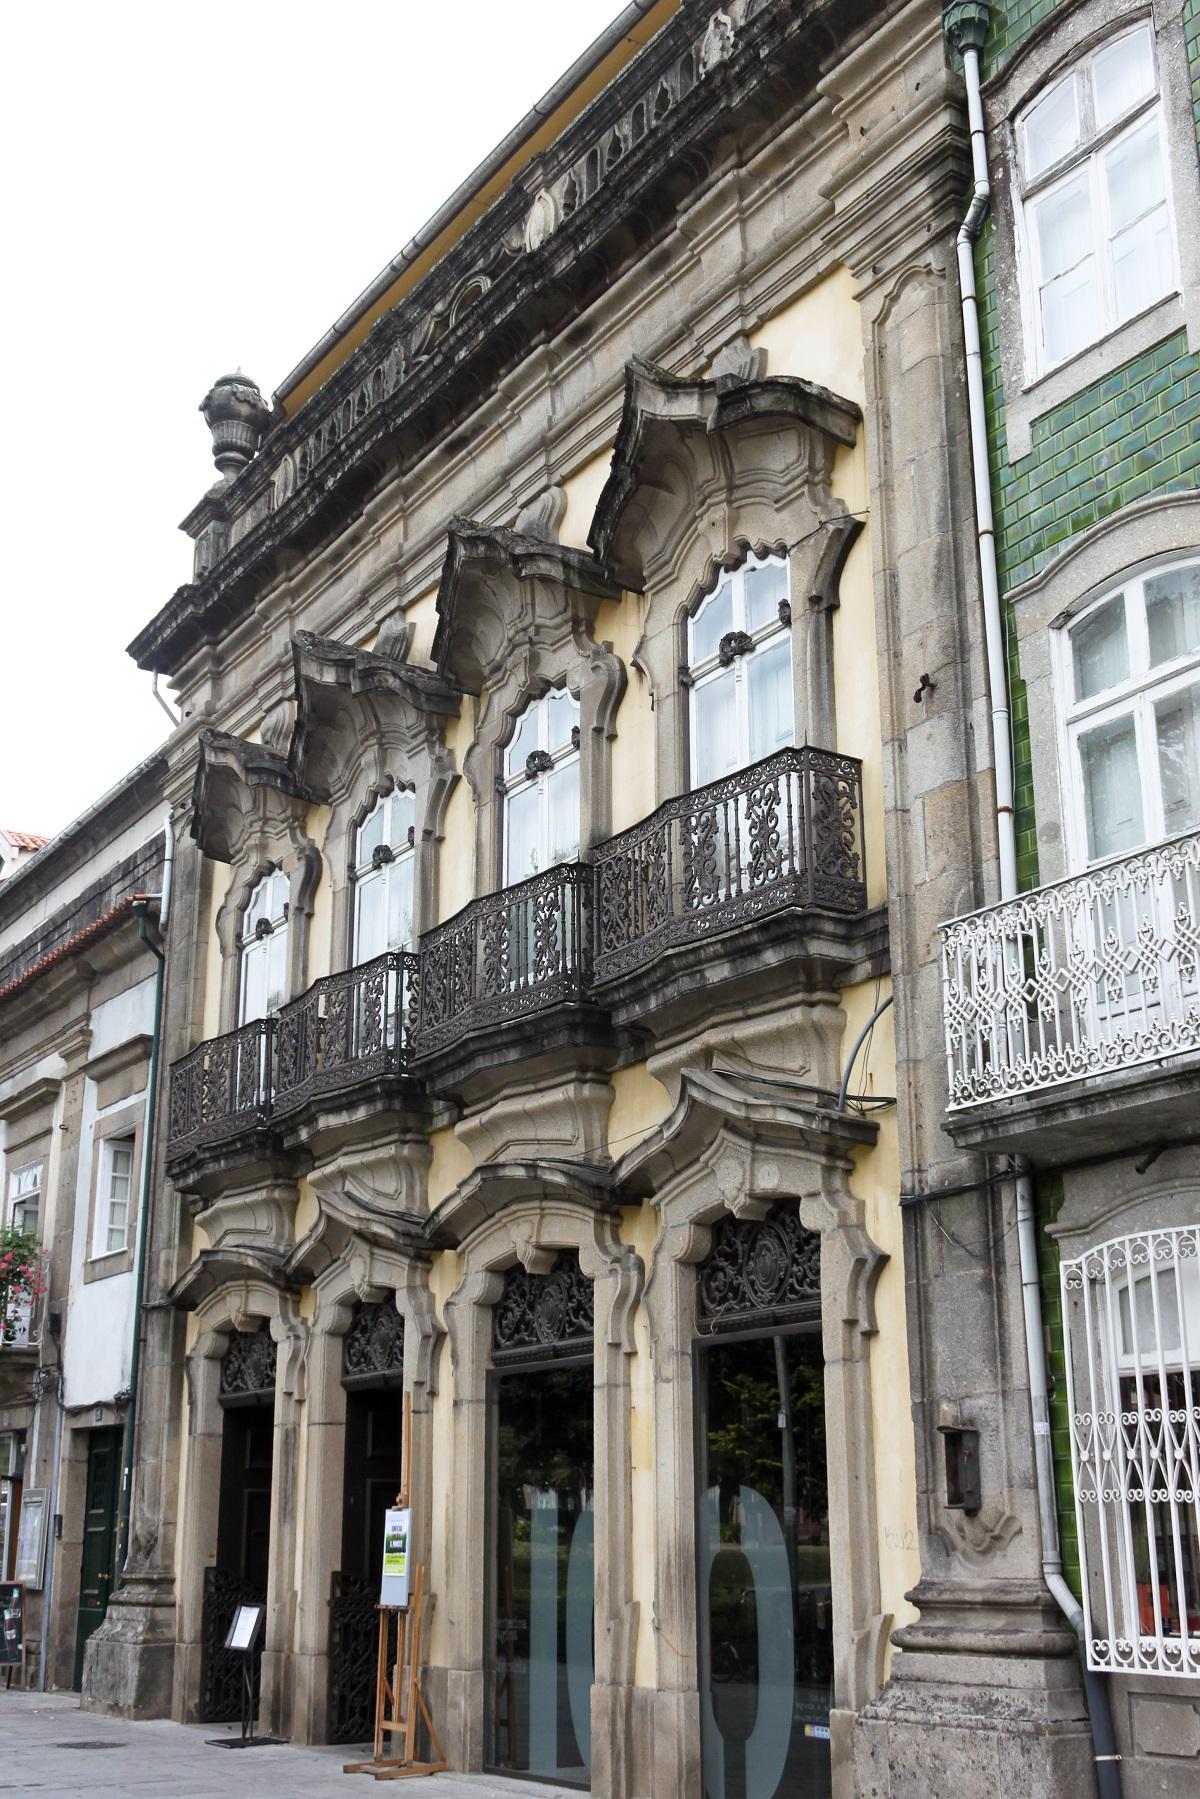 casa-rolão-livraria-centésima-página-roteiro-barroco-braga